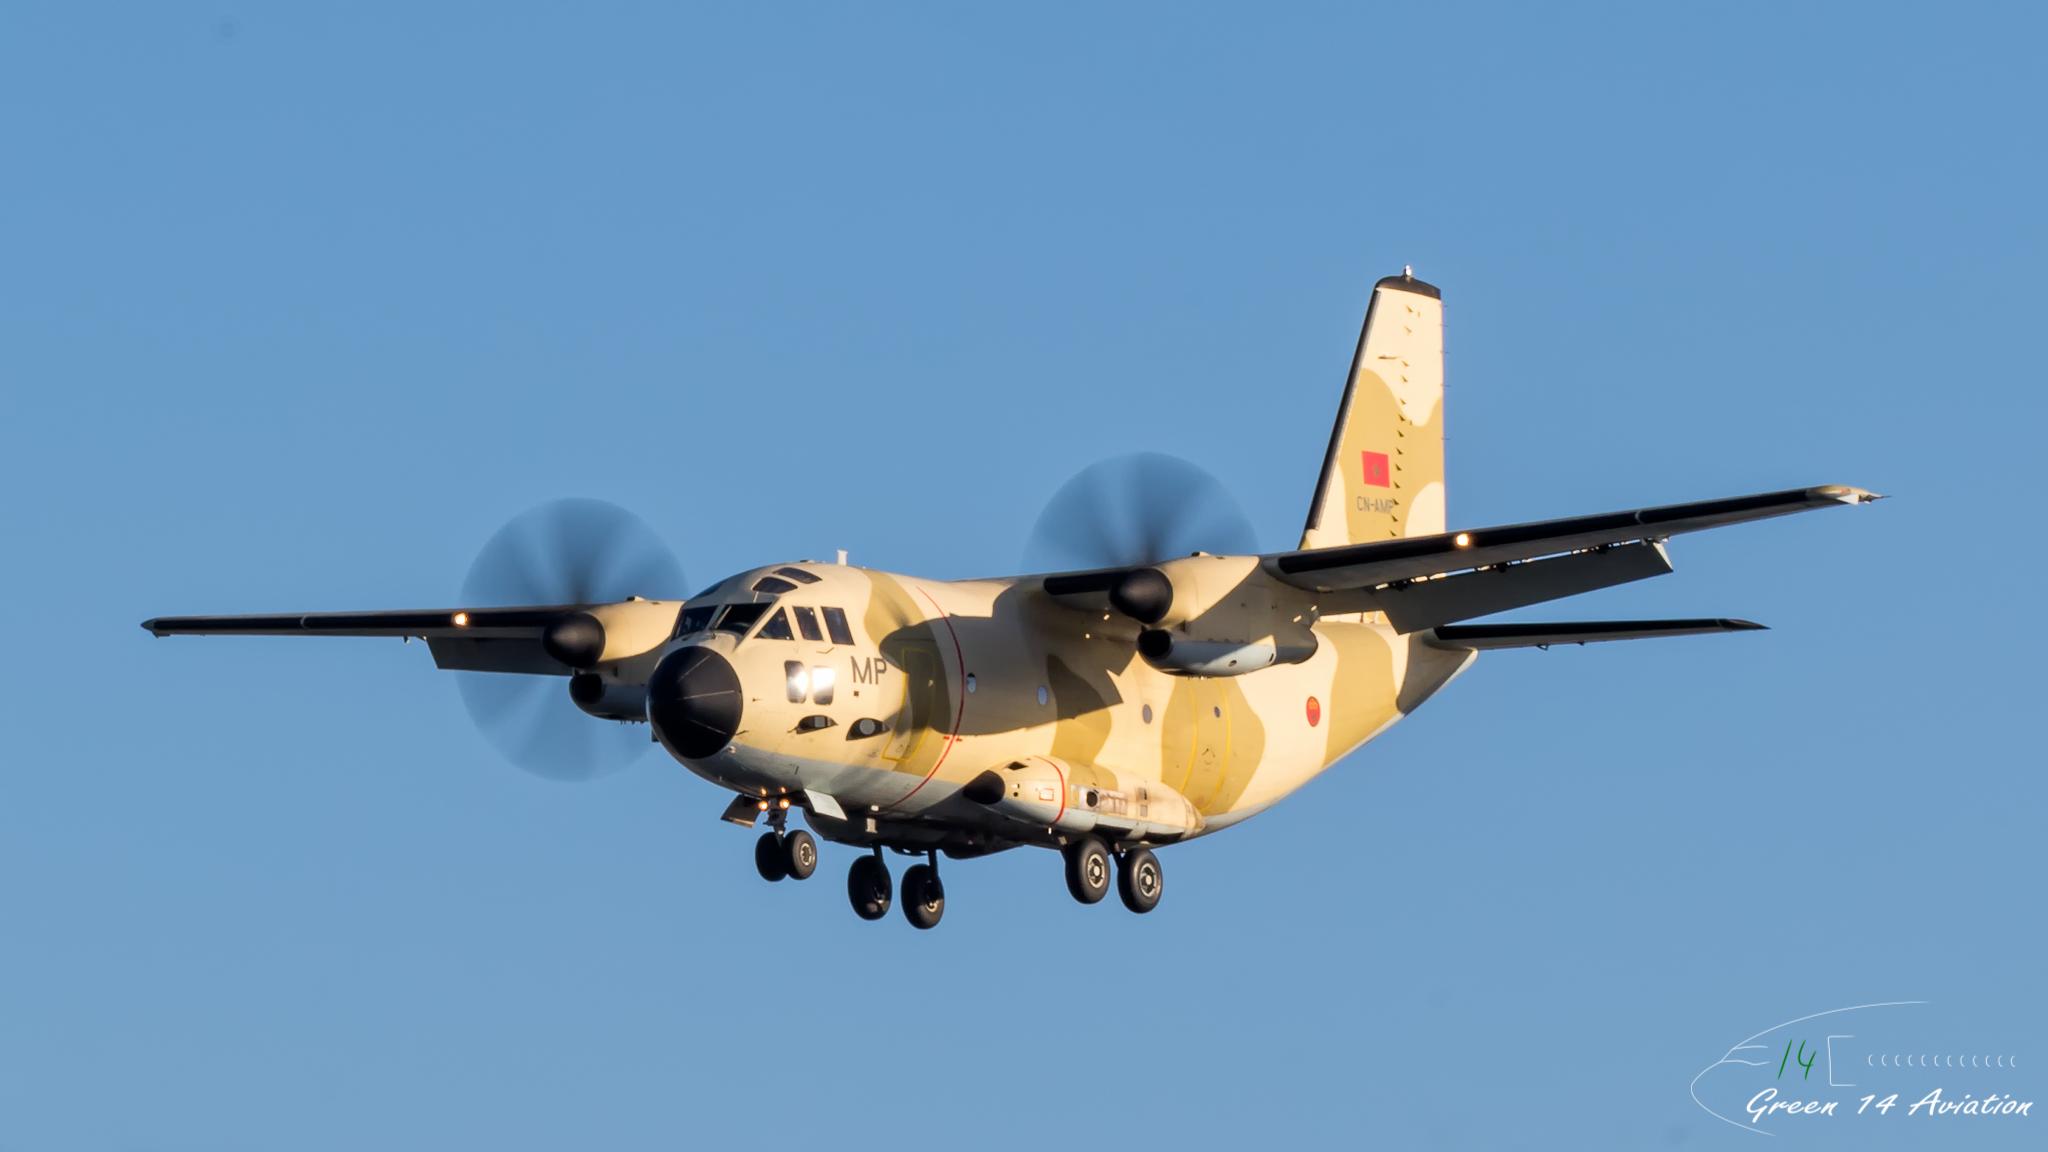 FRA: Photos d'avions de transport - Page 38 47966807303_99e526c201_k